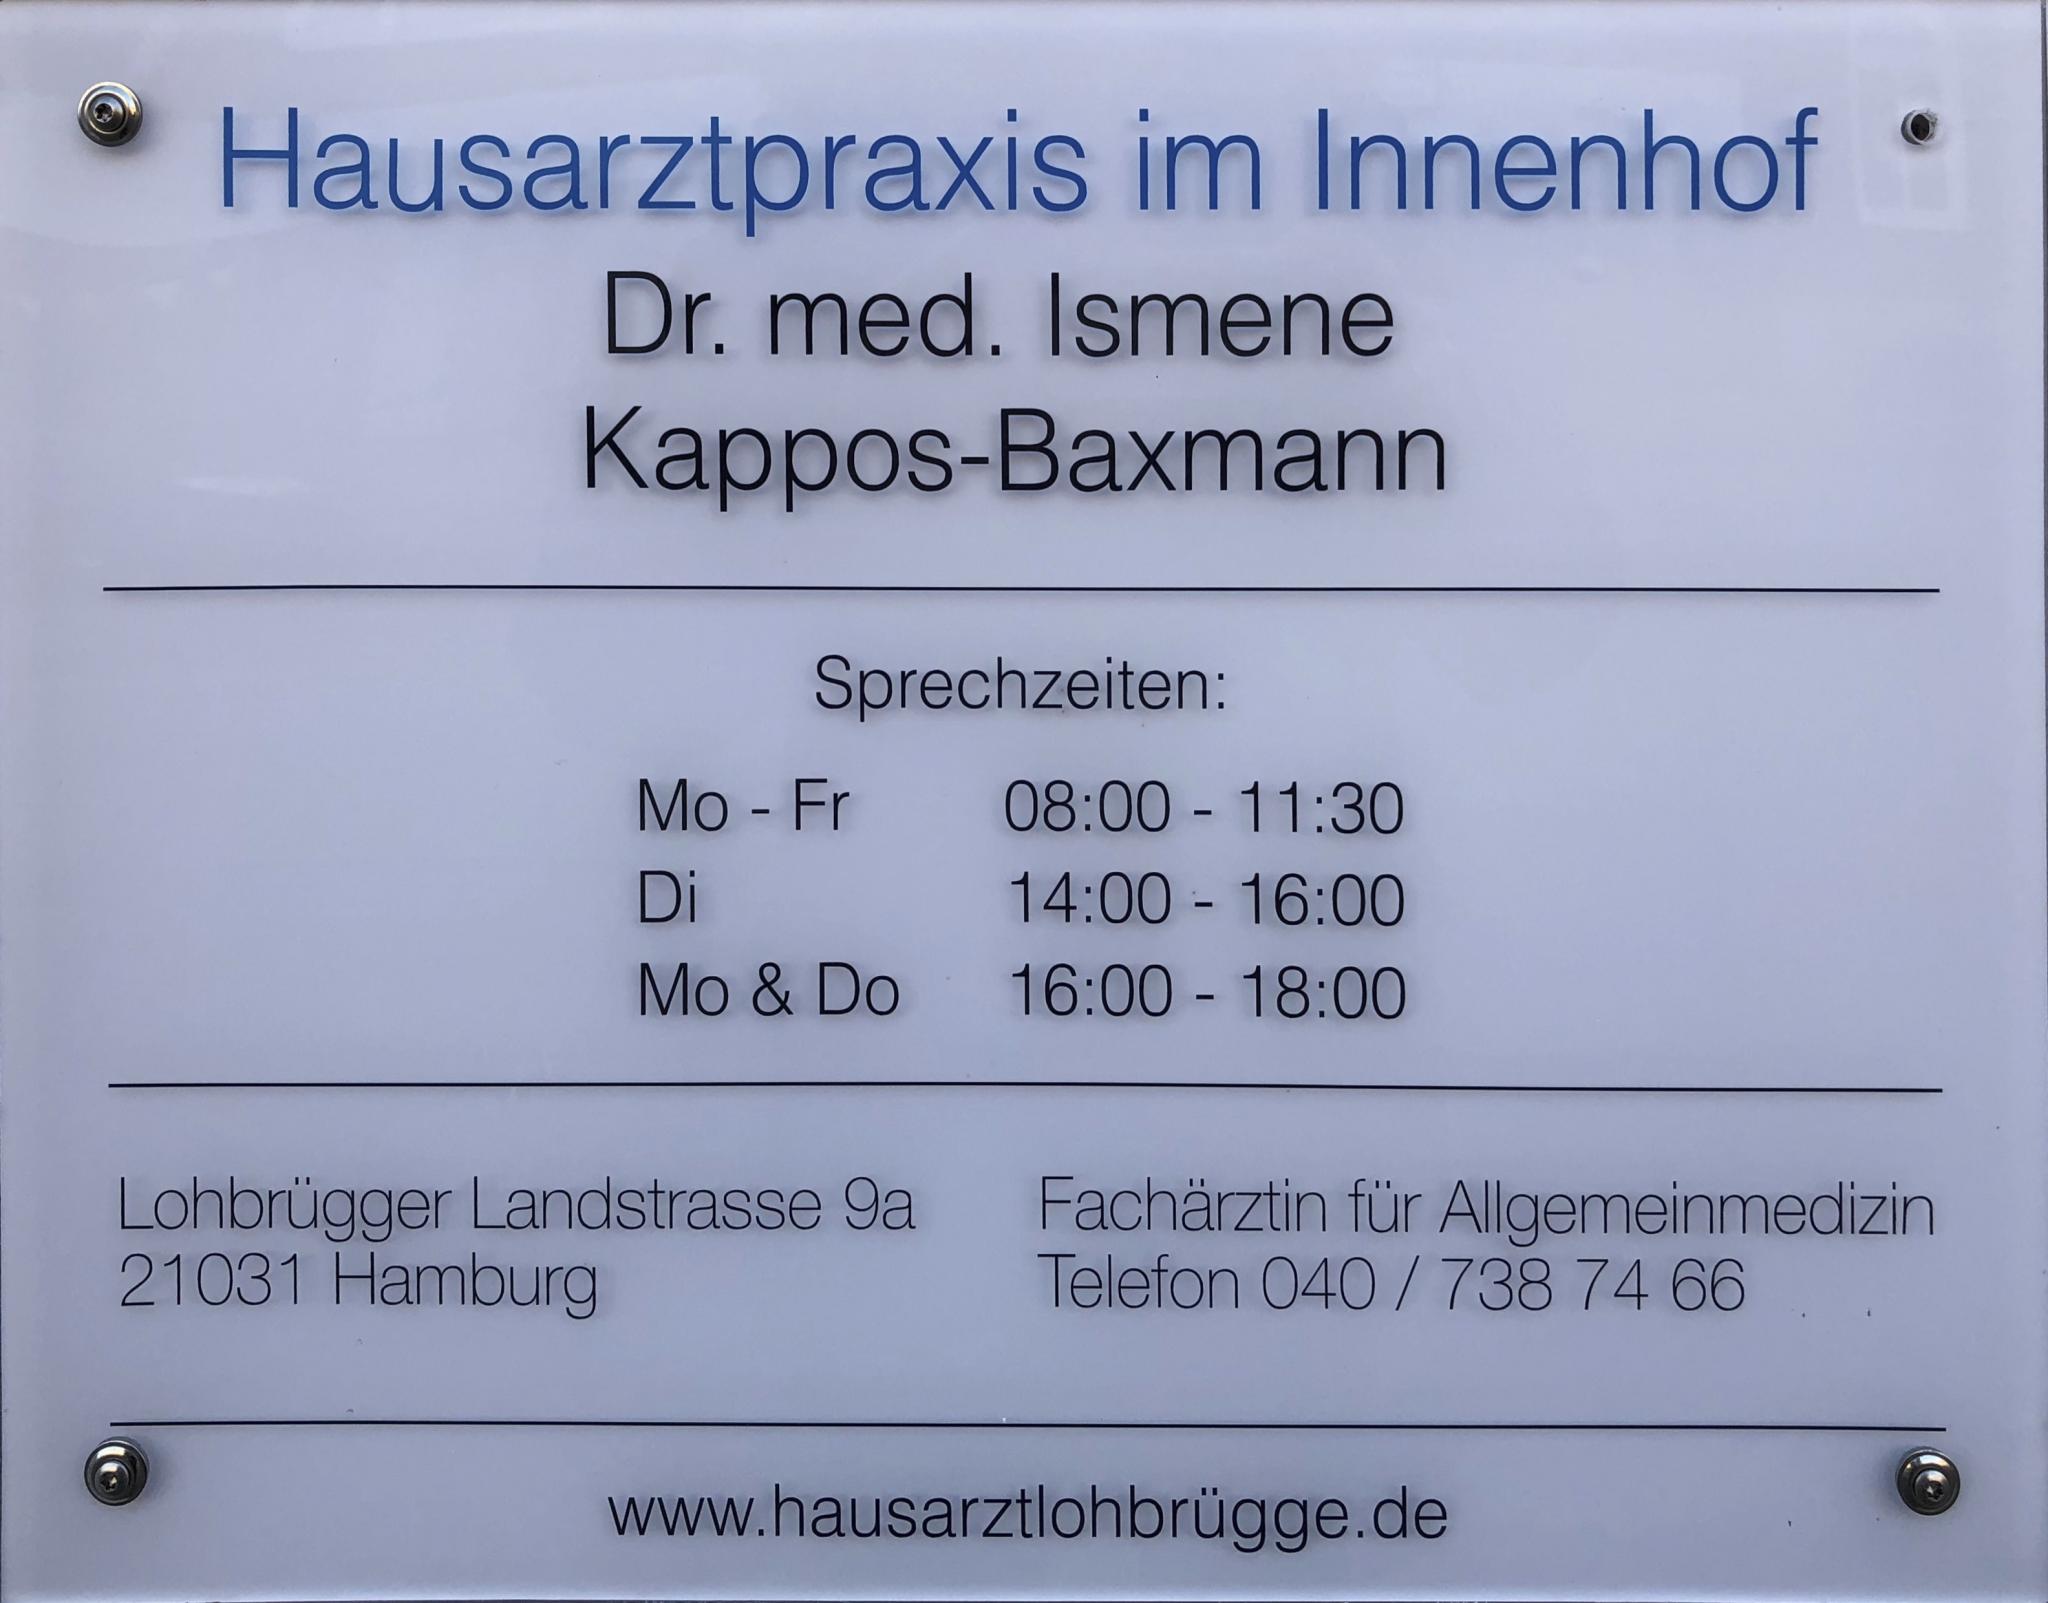 Praxisschild an der Lohbrügger Landstrasse mit Öffnungszeiten der Hausarztpraxis im Innenhof Dr. med. Ismene Kappos-Baxmann